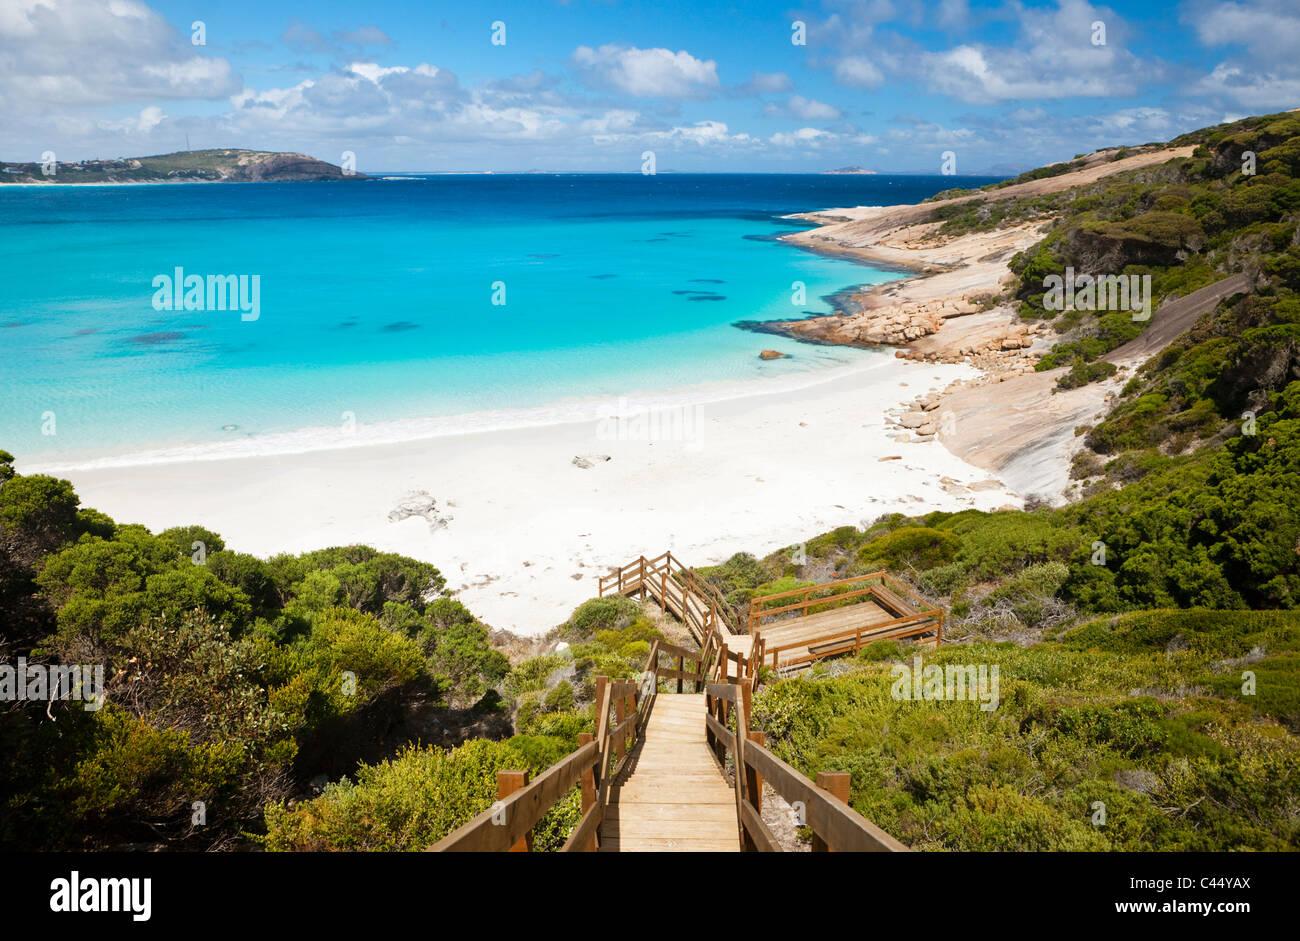 Il lungomare che conduce al Rifugio blu Beach. Esperance, Australia occidentale, Australia Immagini Stock